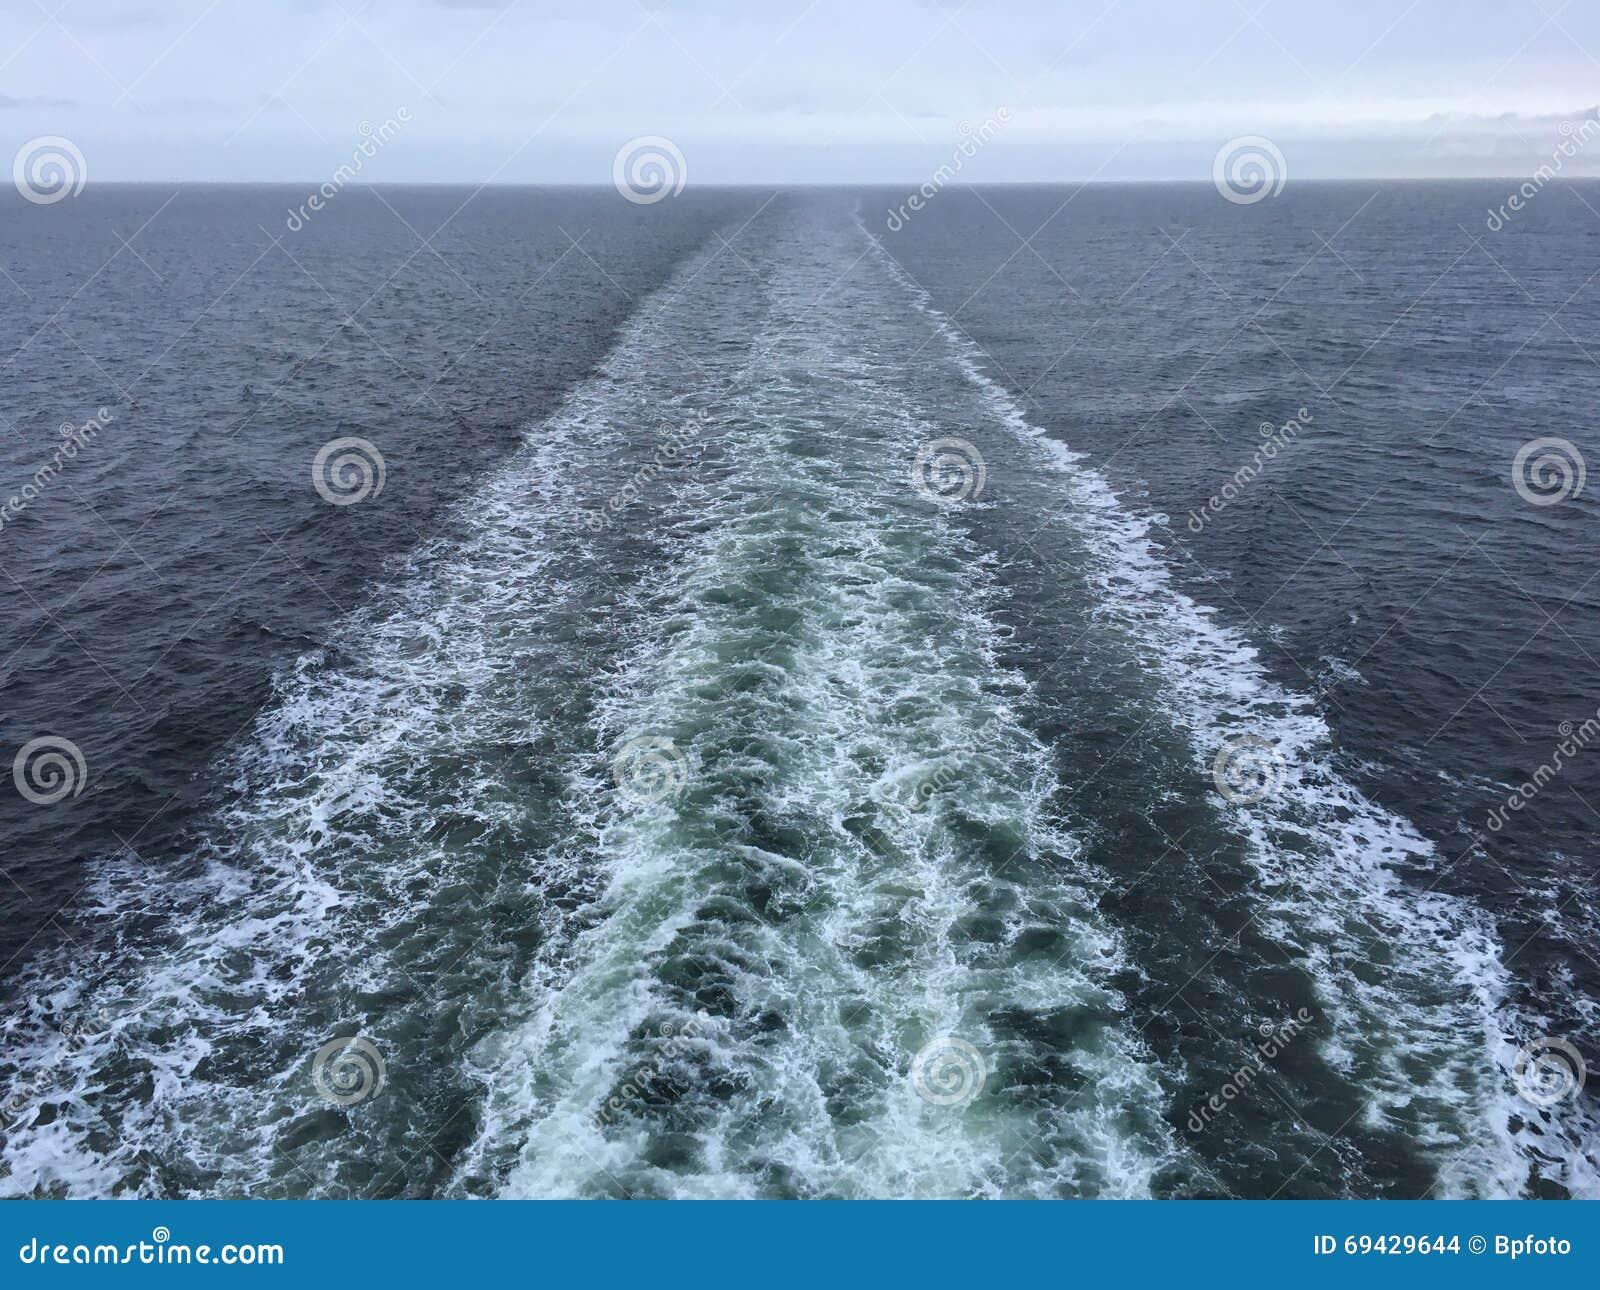 以后的小_在游轮以后的长的白色小条 船苏醒.